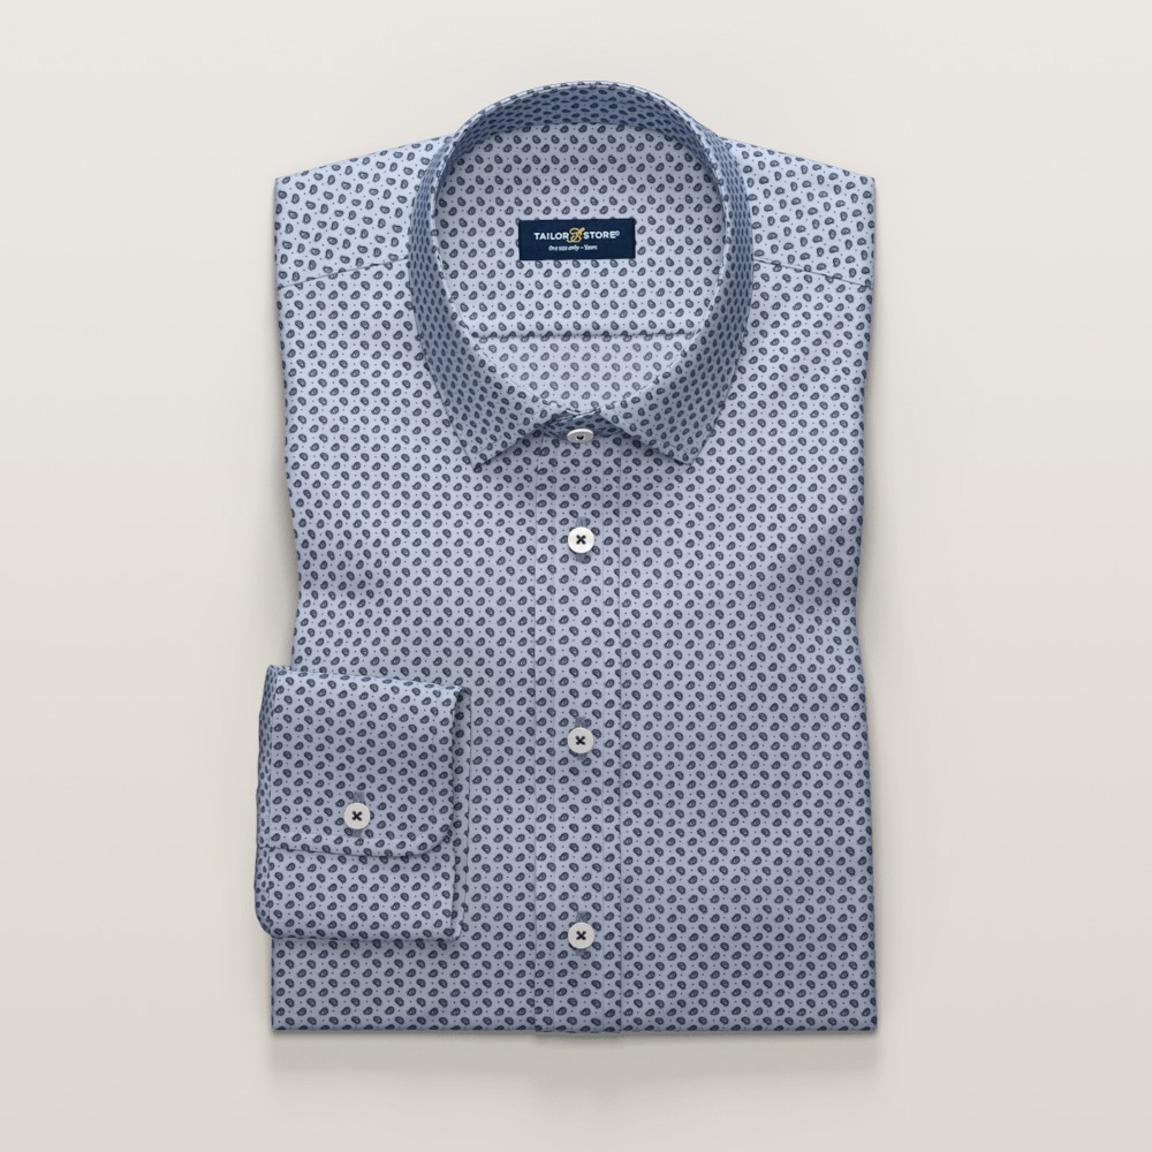 Gemustertes Baumwollhemd mit Cut-Away Classic Kragen